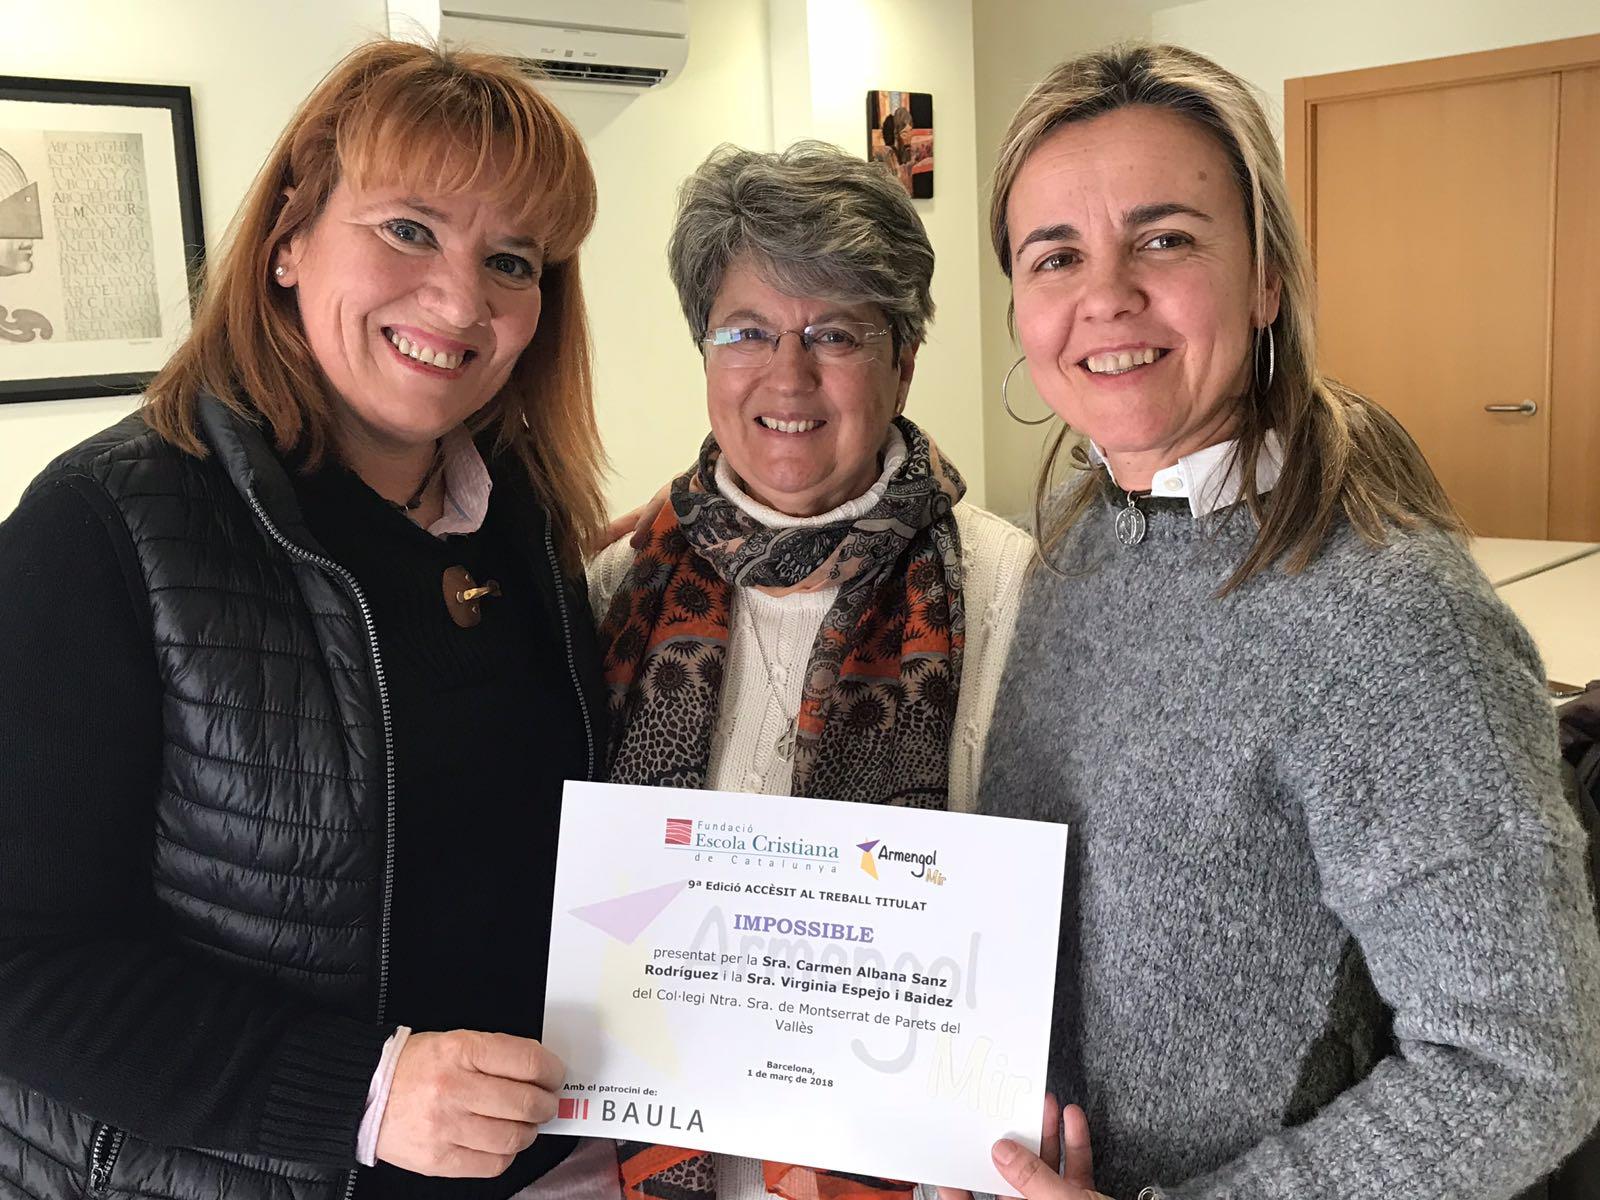 Les premiades amb el diploma acreditatiu